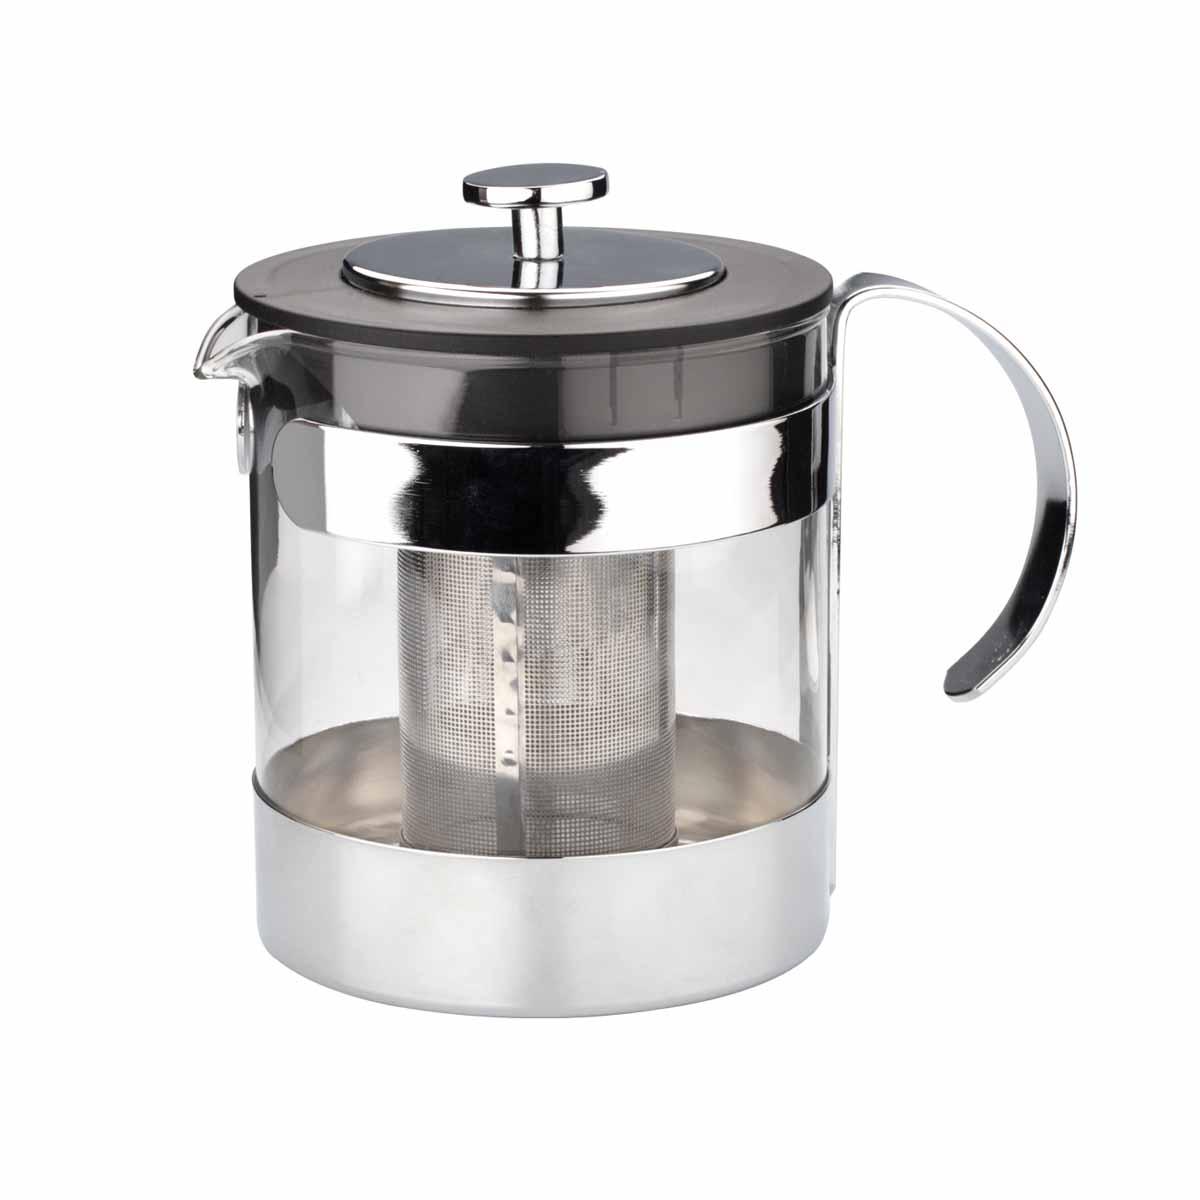 Чайник заварочный Dekok, 1,2 лVT-1520(SR)Заварочный чайник Dekok изготовлен из термостойкого стекла - прочного износостойкого материала. Чайник оснащен фильтром и крышкой из нержавеющей стали.Простой и удобный чайник поможет вам приготовить крепкий, ароматный чай или кофе. Дизайн изделия создает гипнотическую атмосферу через сочетание полупрозрачного цвета и хромированных элементов. Не рекомендуется мыть в посудомоечной машине. Не использовать в микроволновой печи.Диаметр (по верхнему краю): 11 см.Высота (без учета крышки): 13,5 см.Высота фильтра: 9 см.